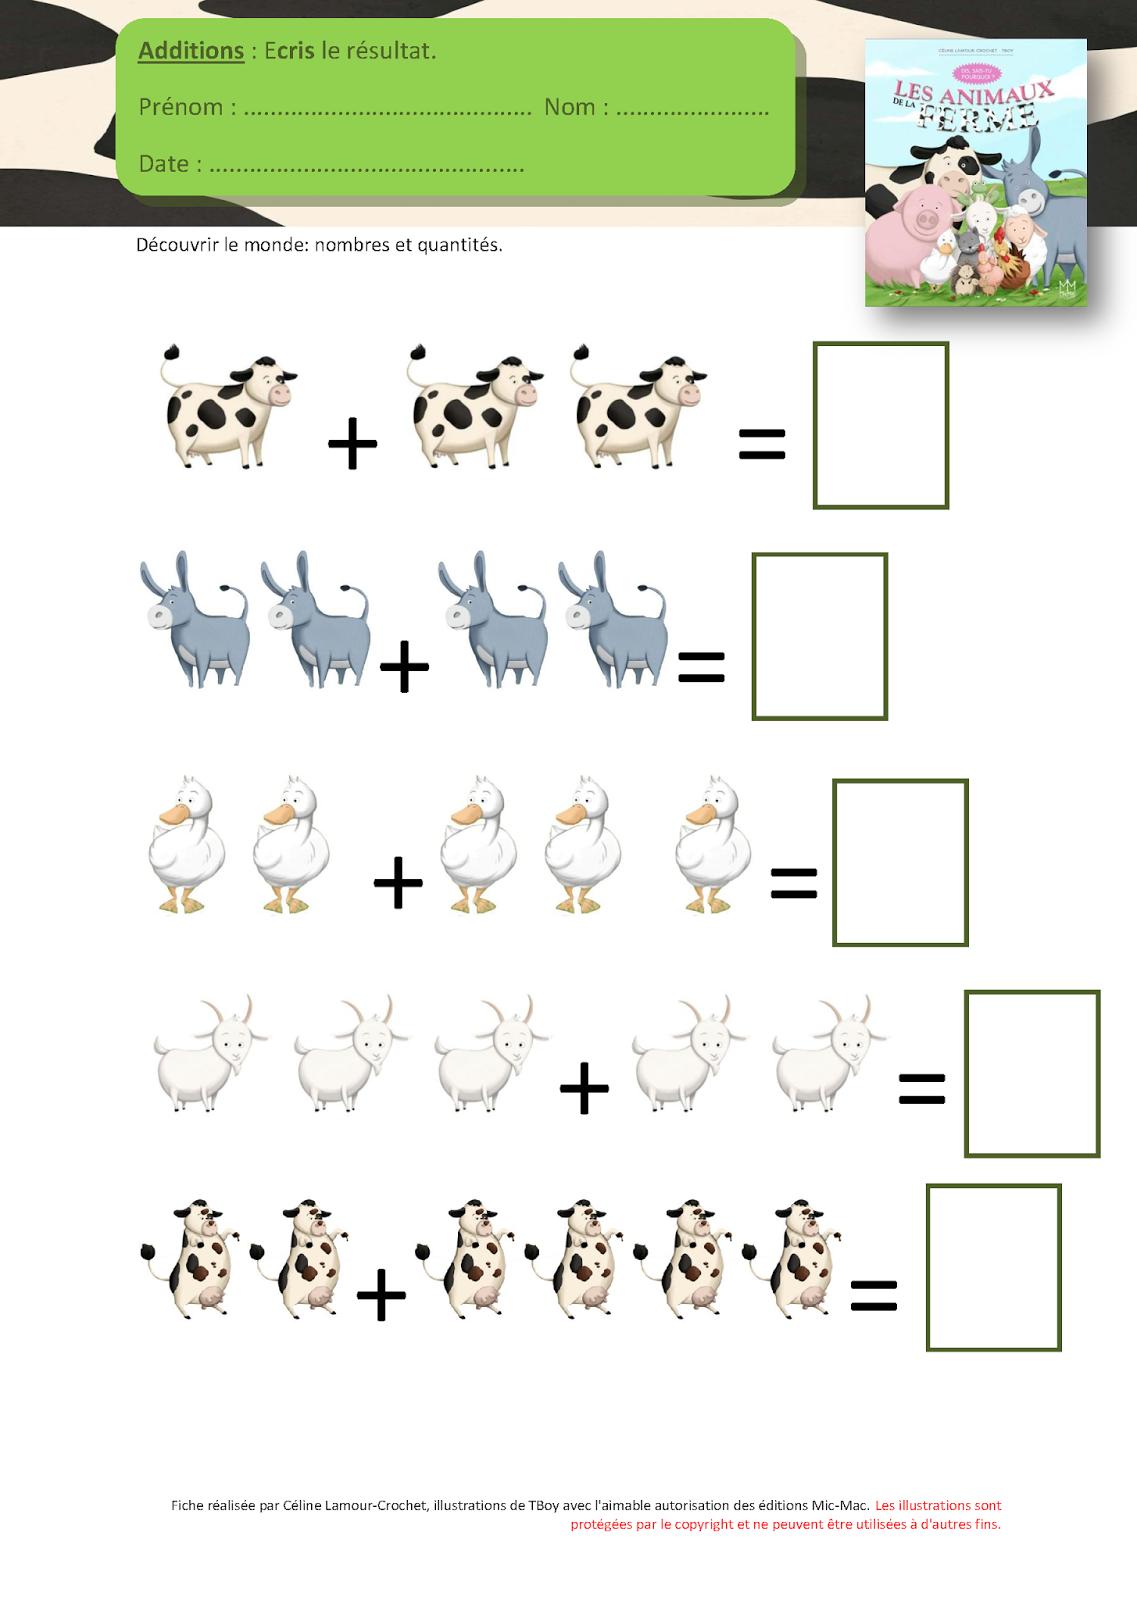 Pin von Diana O. auf Guias | Pinterest | Vorschule und Mathe